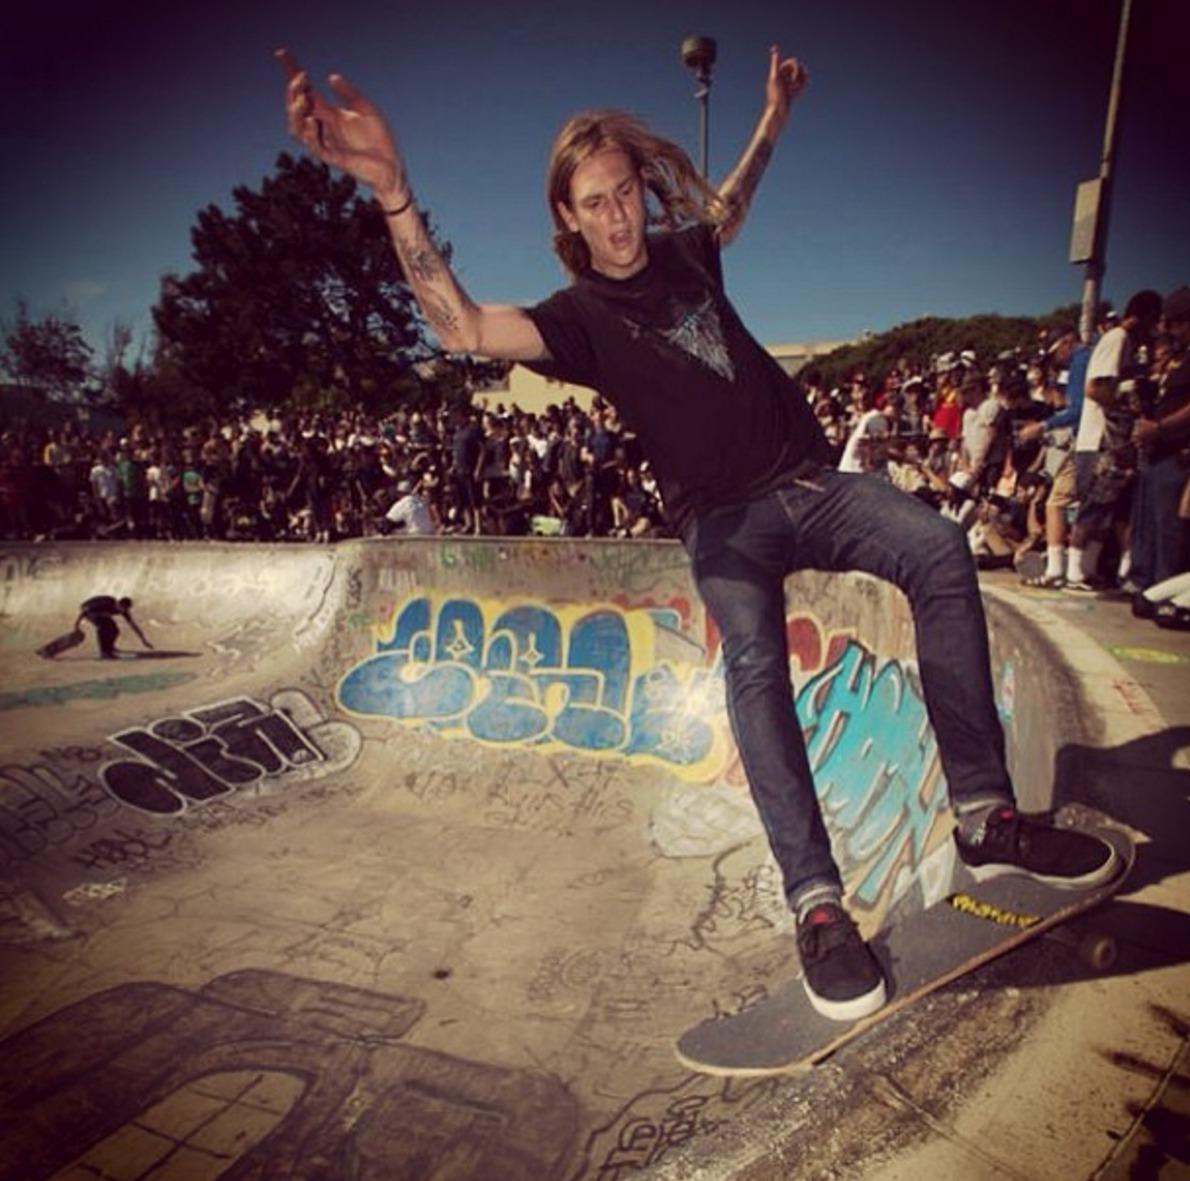 potrero del sol skatepark, san francisco, california